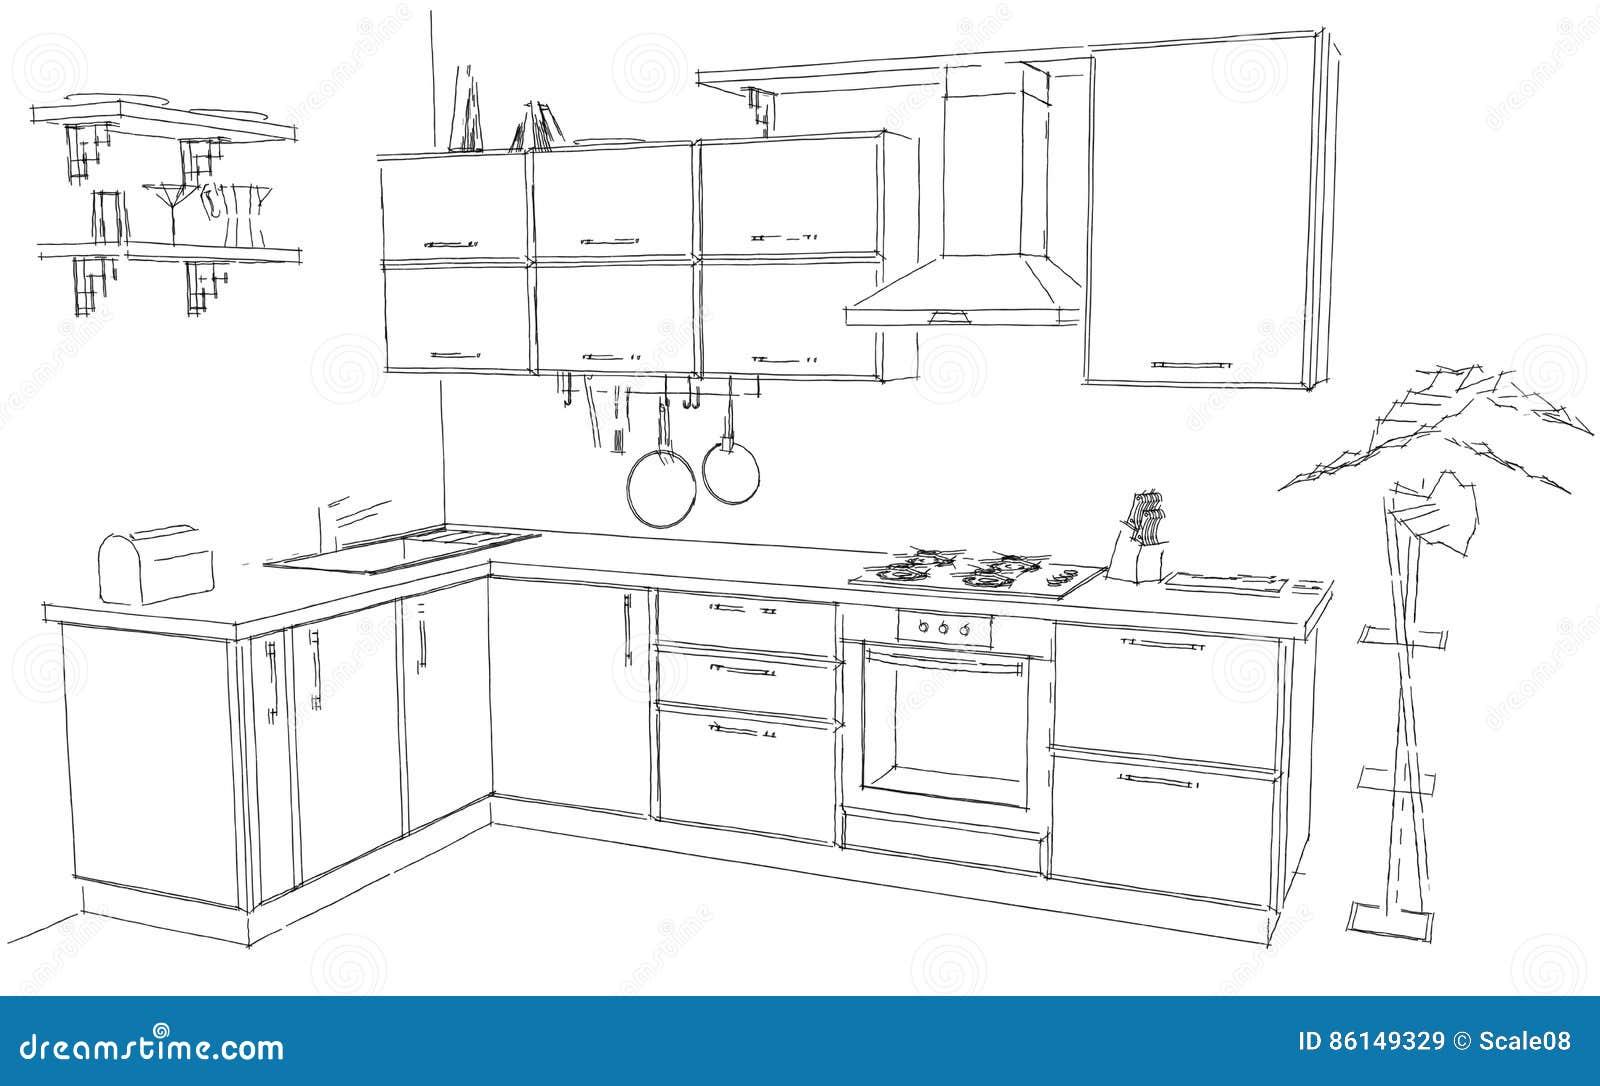 Genial dibujo de cocina im genes entre cocina con muebles for Programas de dibujo de cocinas gratis